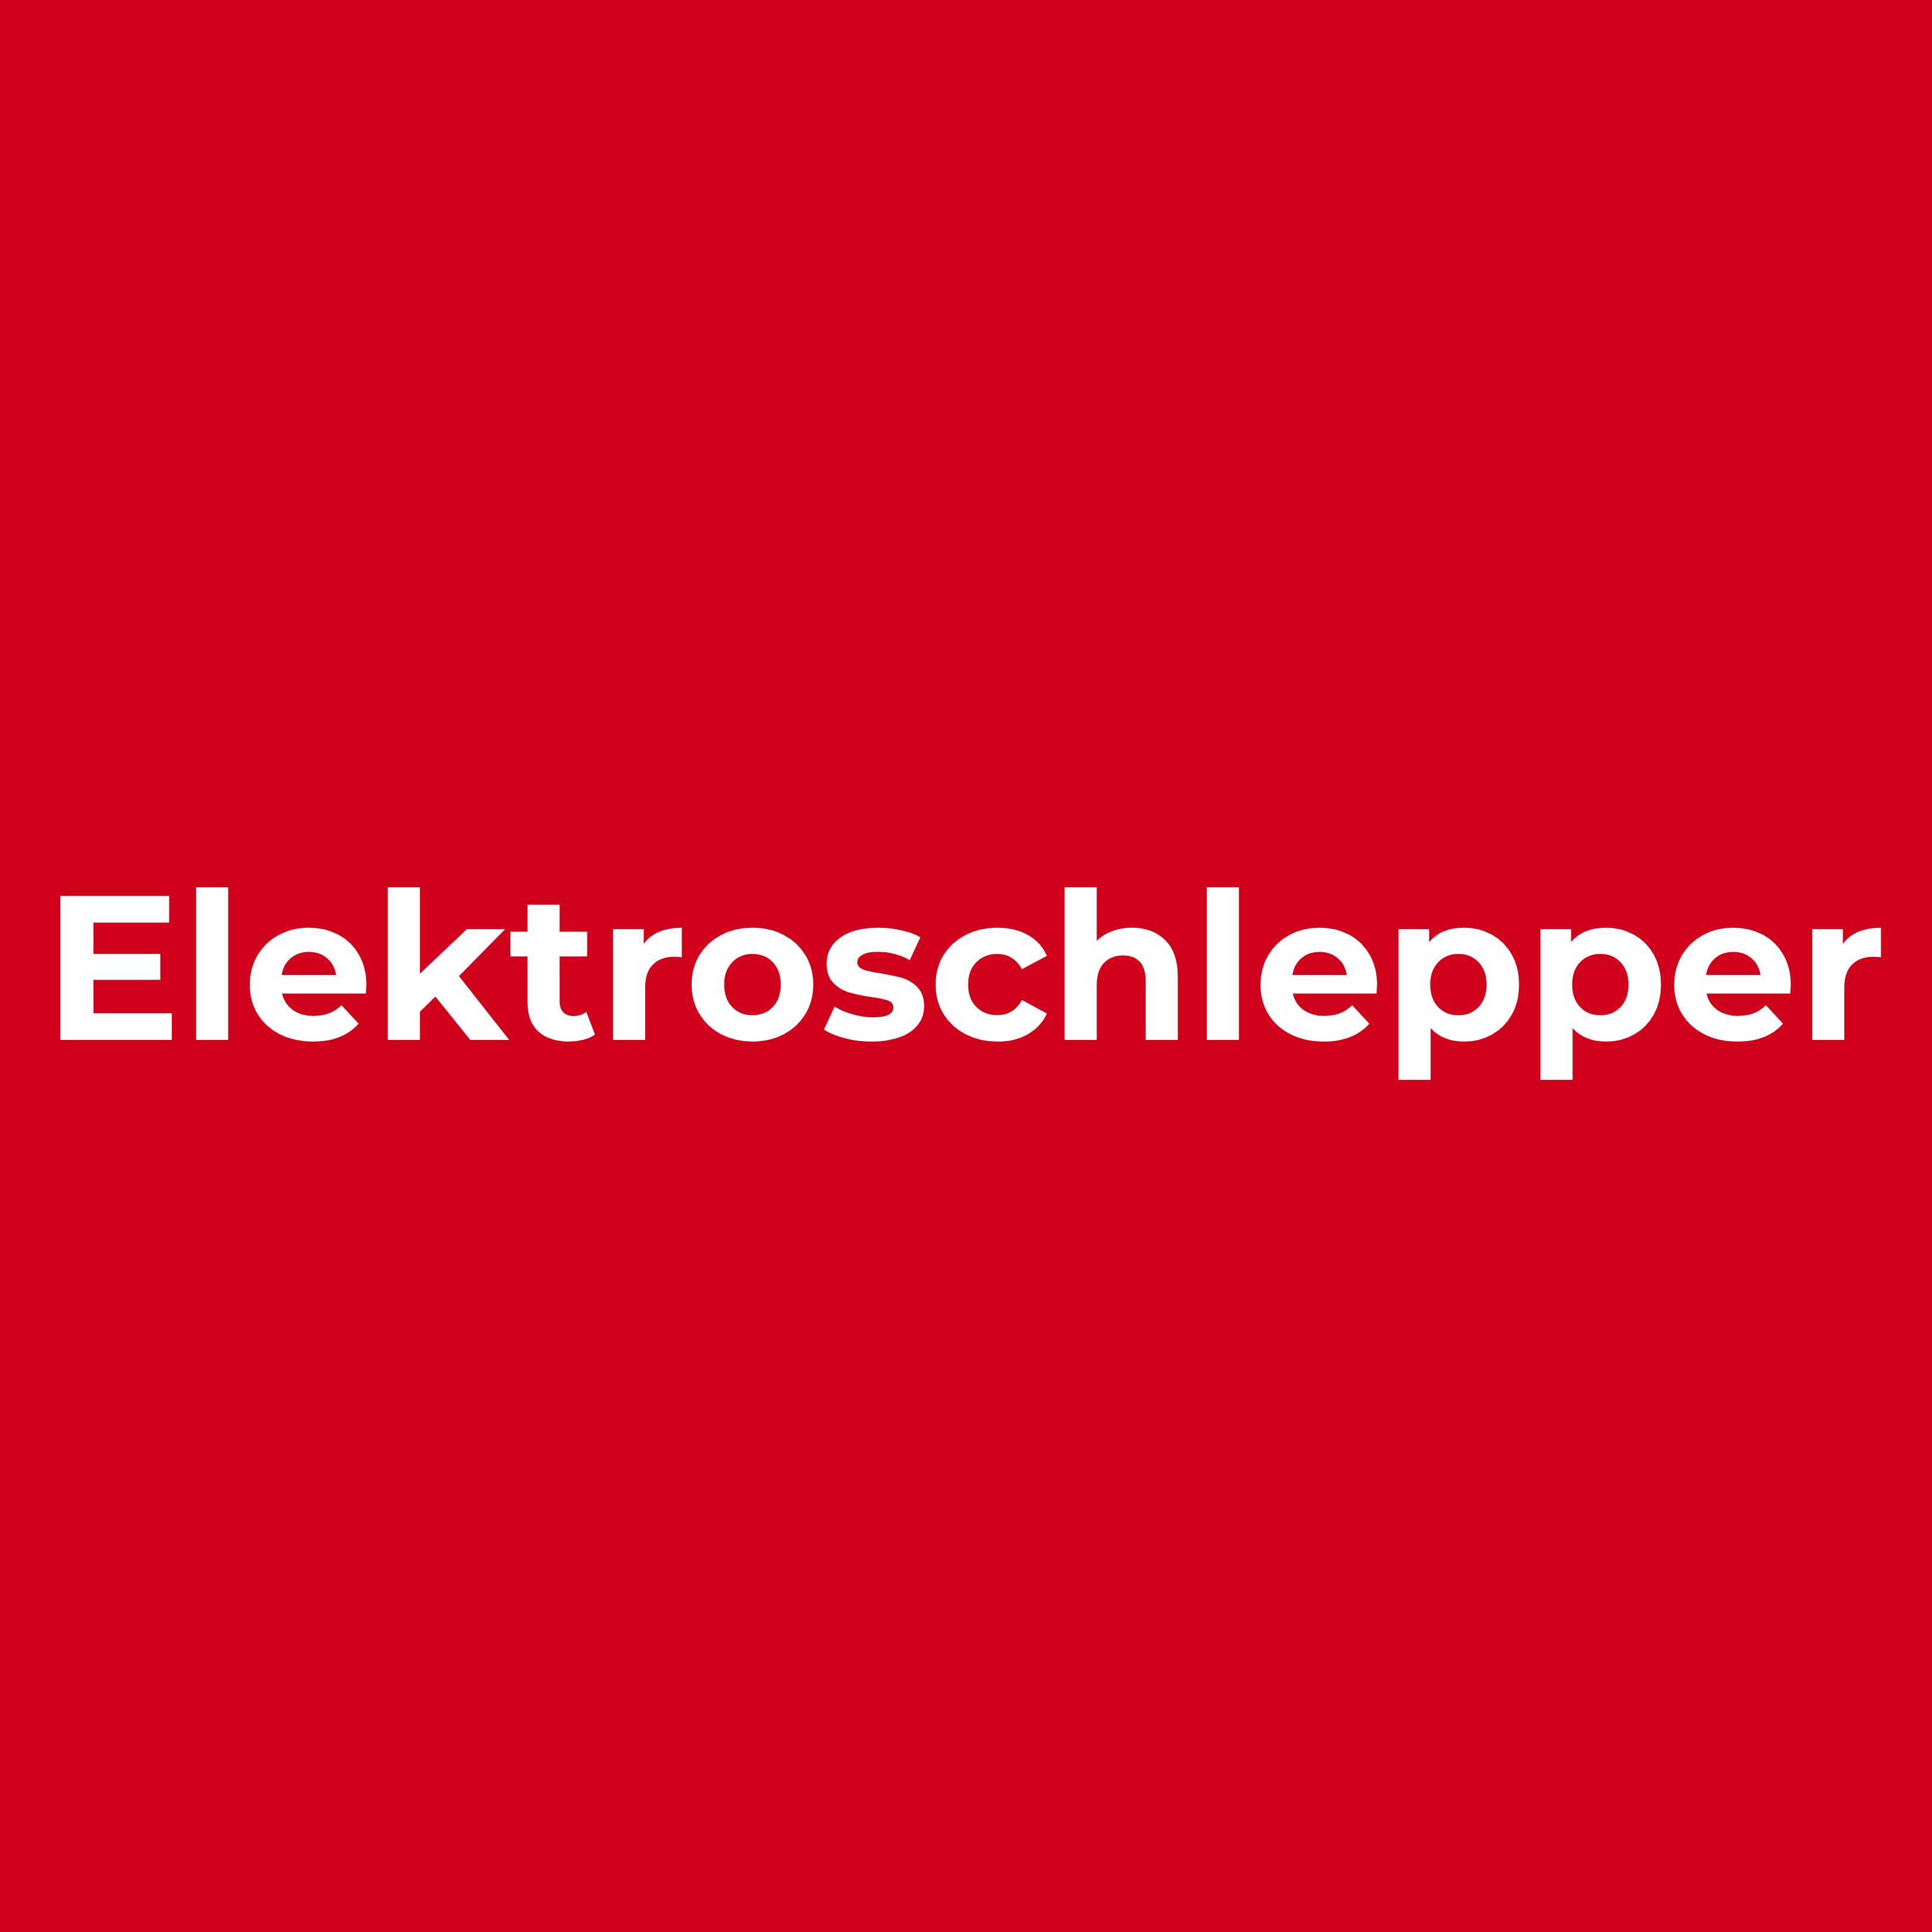 Kachel Elektroschlepper